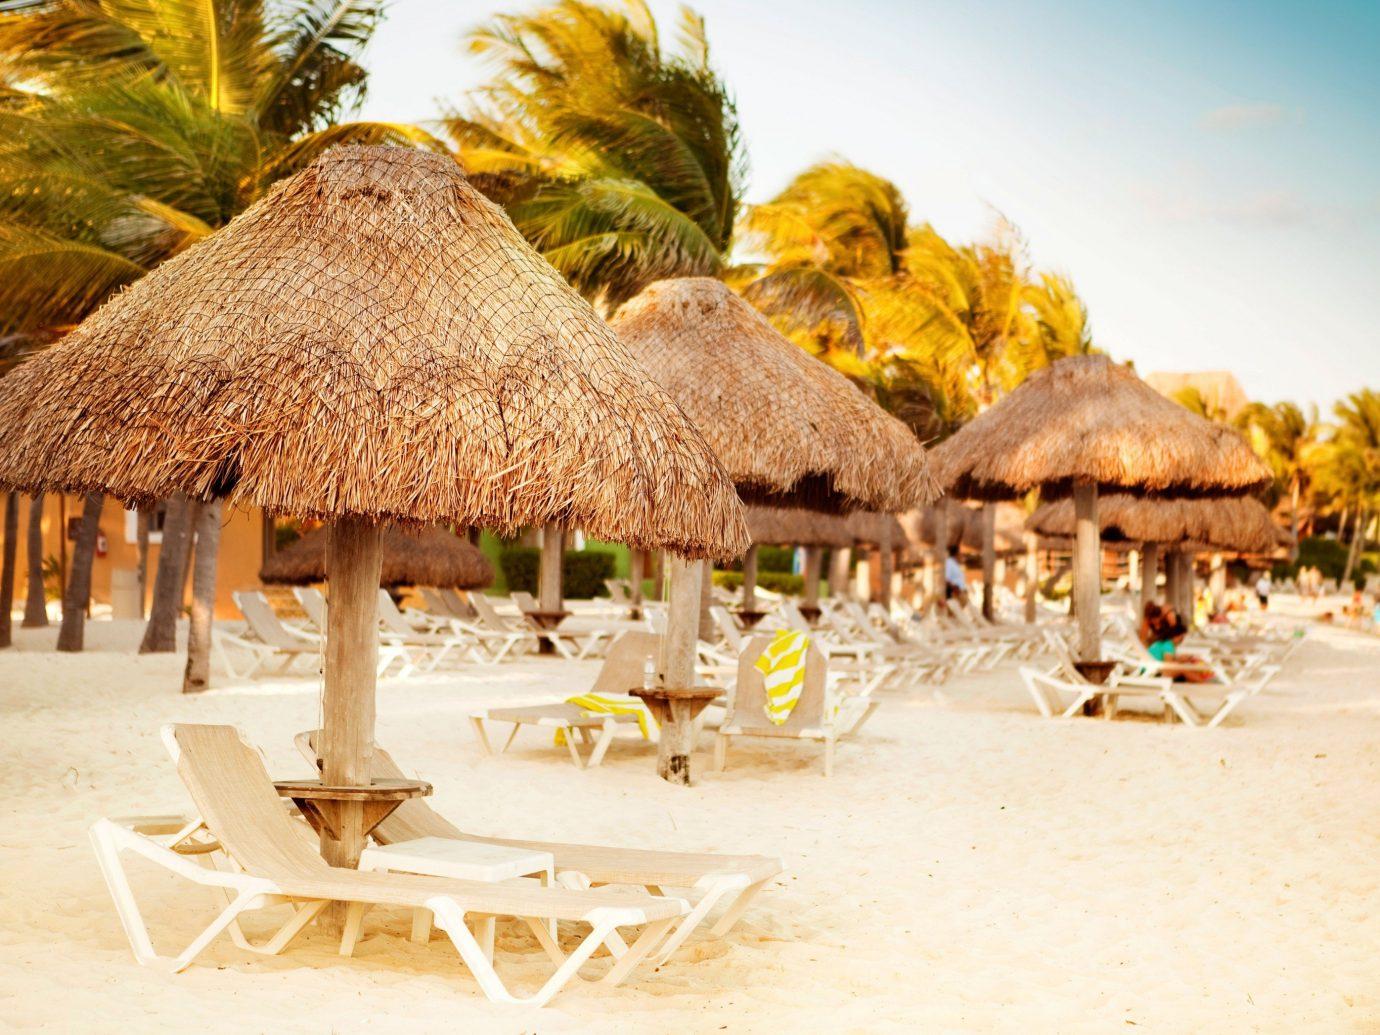 Hotels Weekend Getaways outdoor ground vacation Resort Beach flower sand